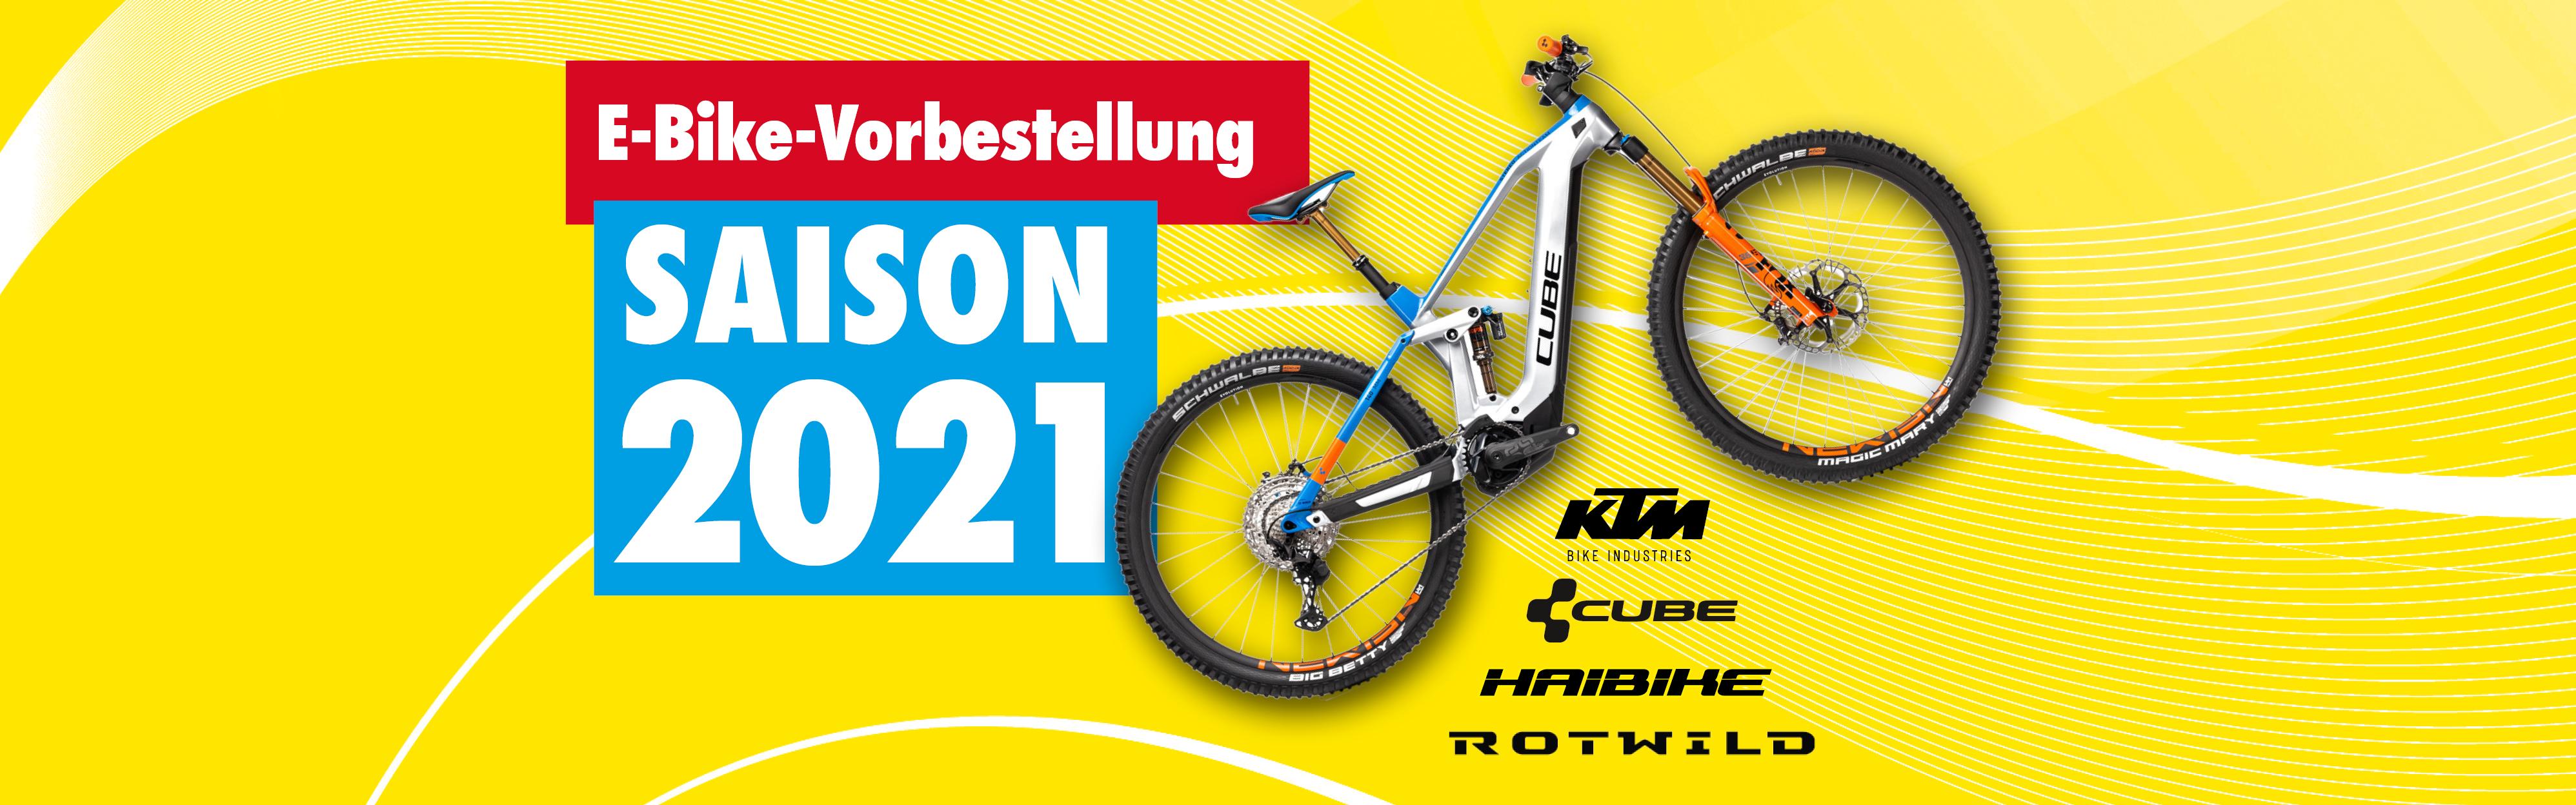 Bike News 2021 :: More der Spezialist